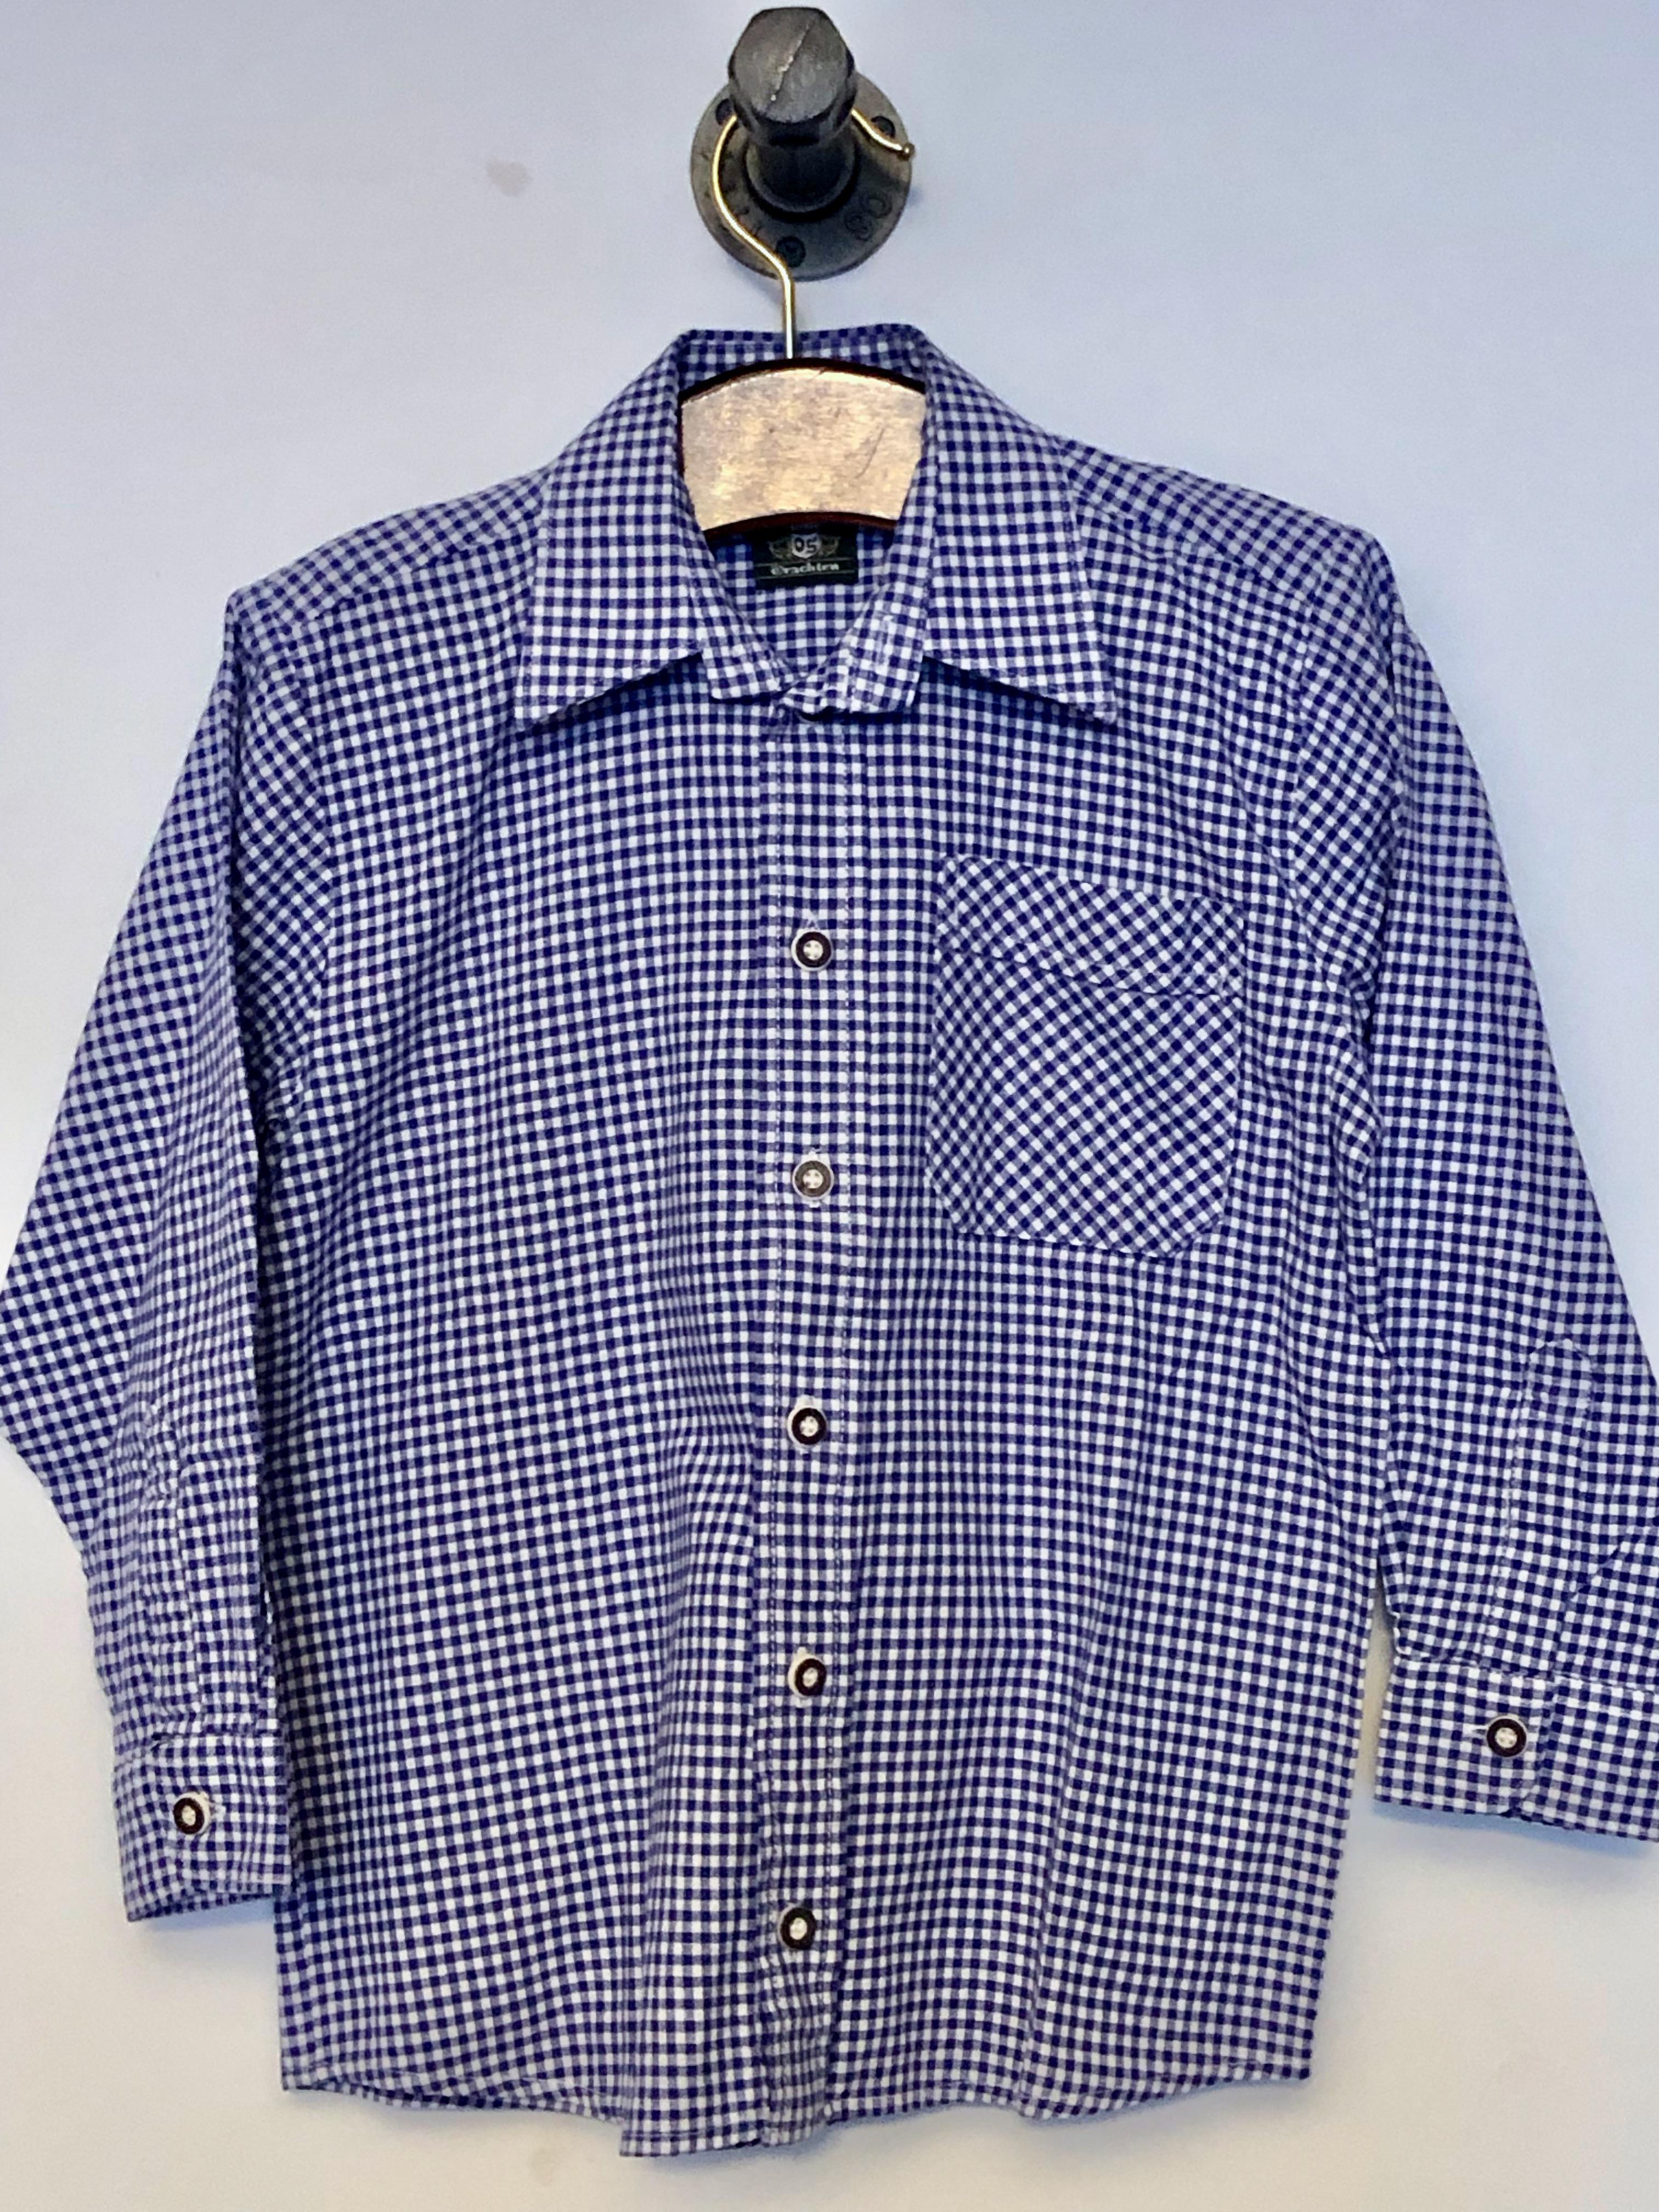 Gr. 122-128 OS Trachten Trachtenhemd (ok)